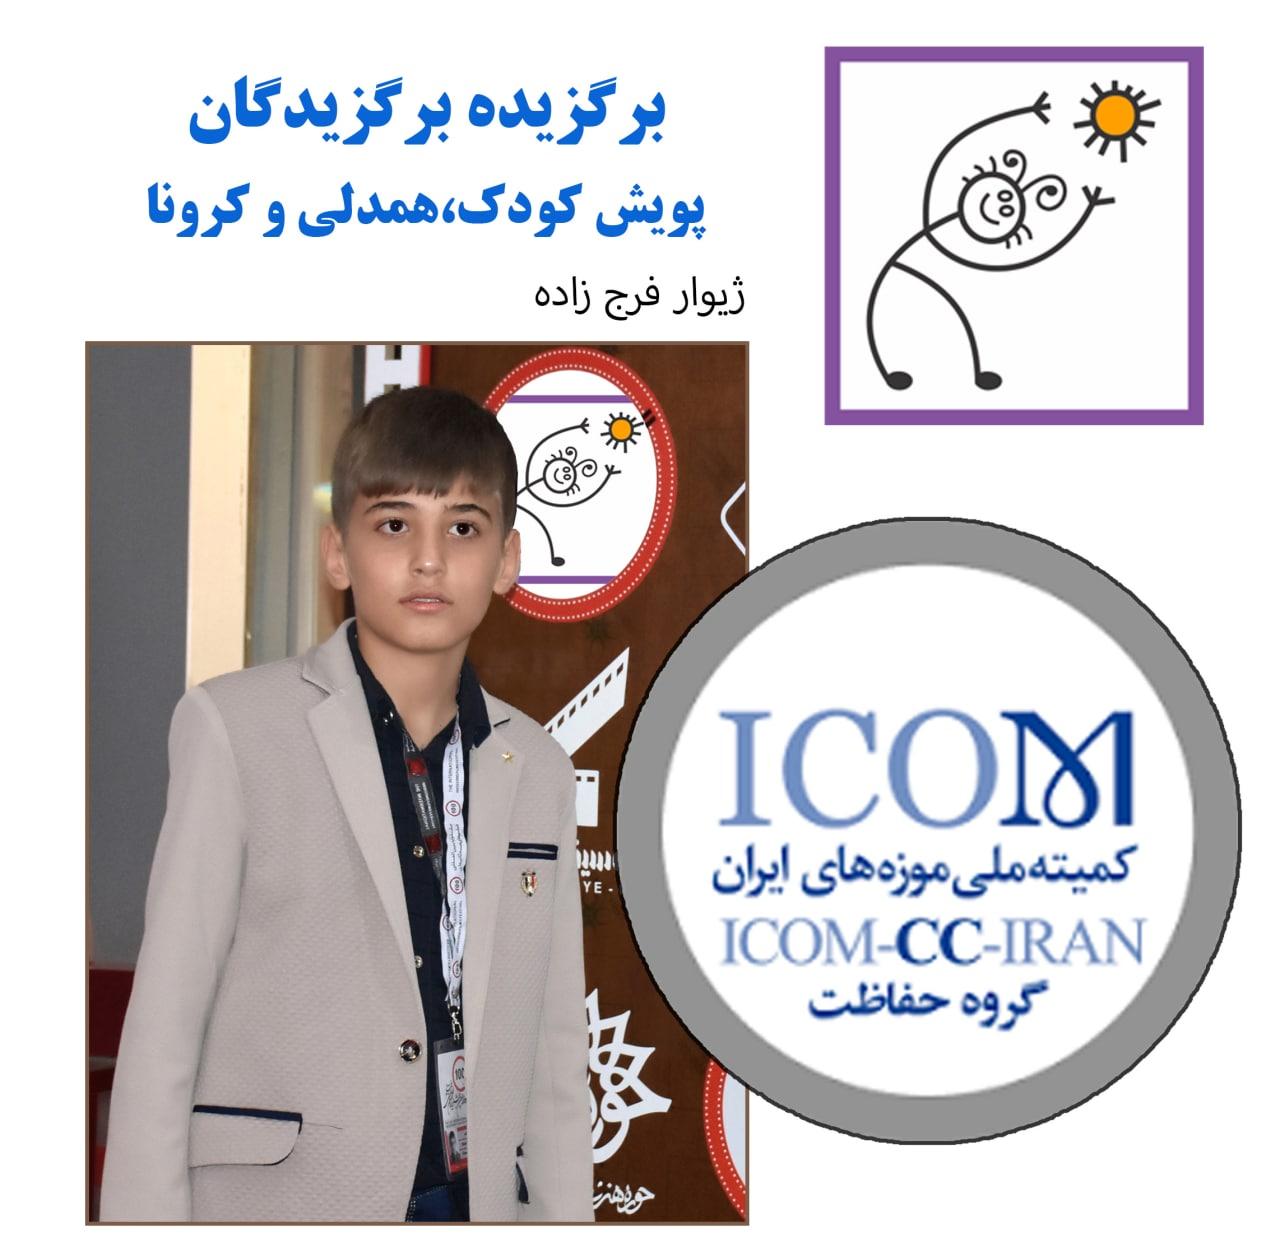 ژیوار فرج زاده مدال آیکوم فیلم سازی در ایران را کسب کرد